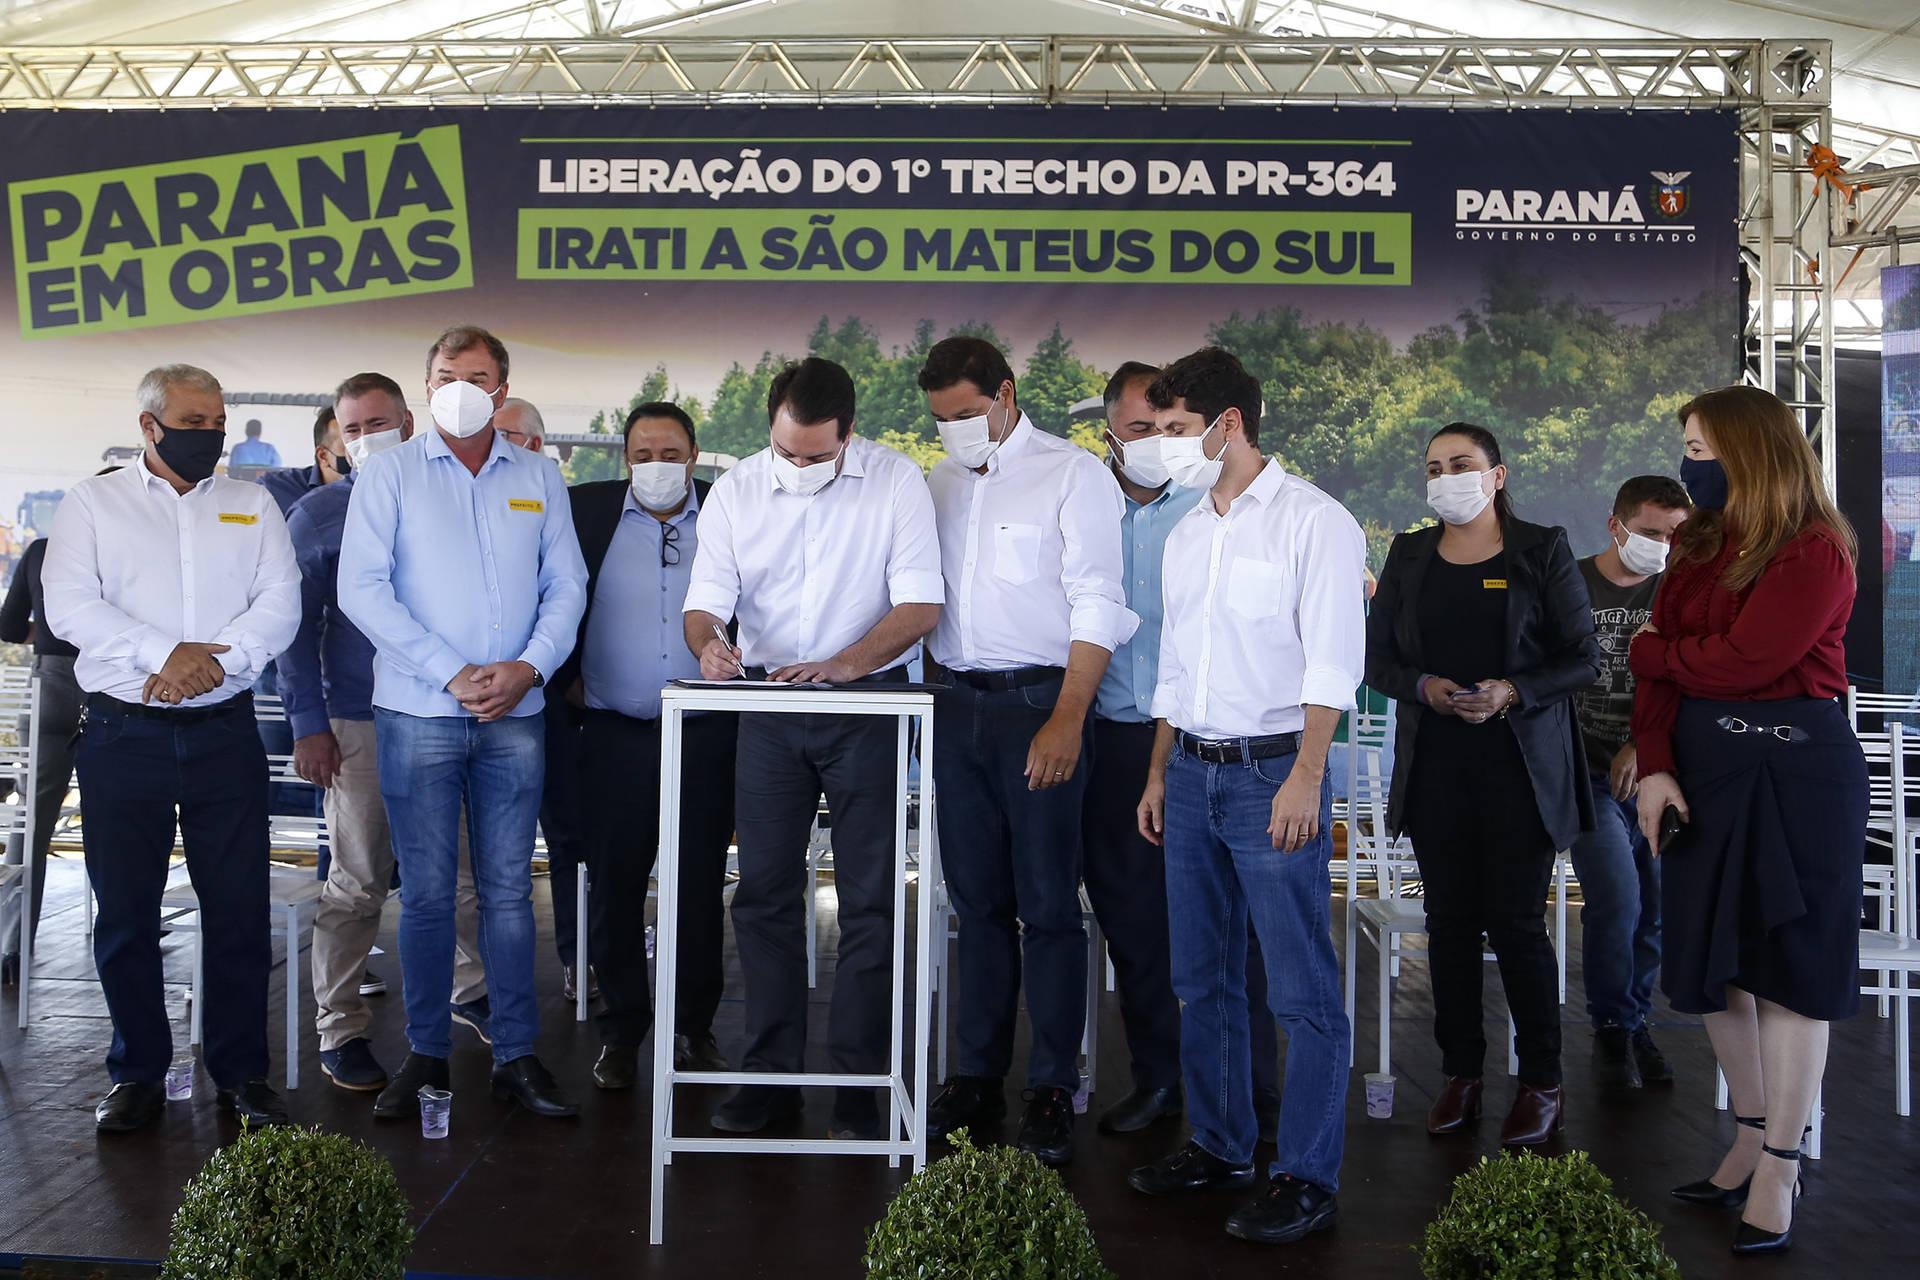 Governador entrega primeiro trecho da pavimentação entre Irati e São Mateus do Sul